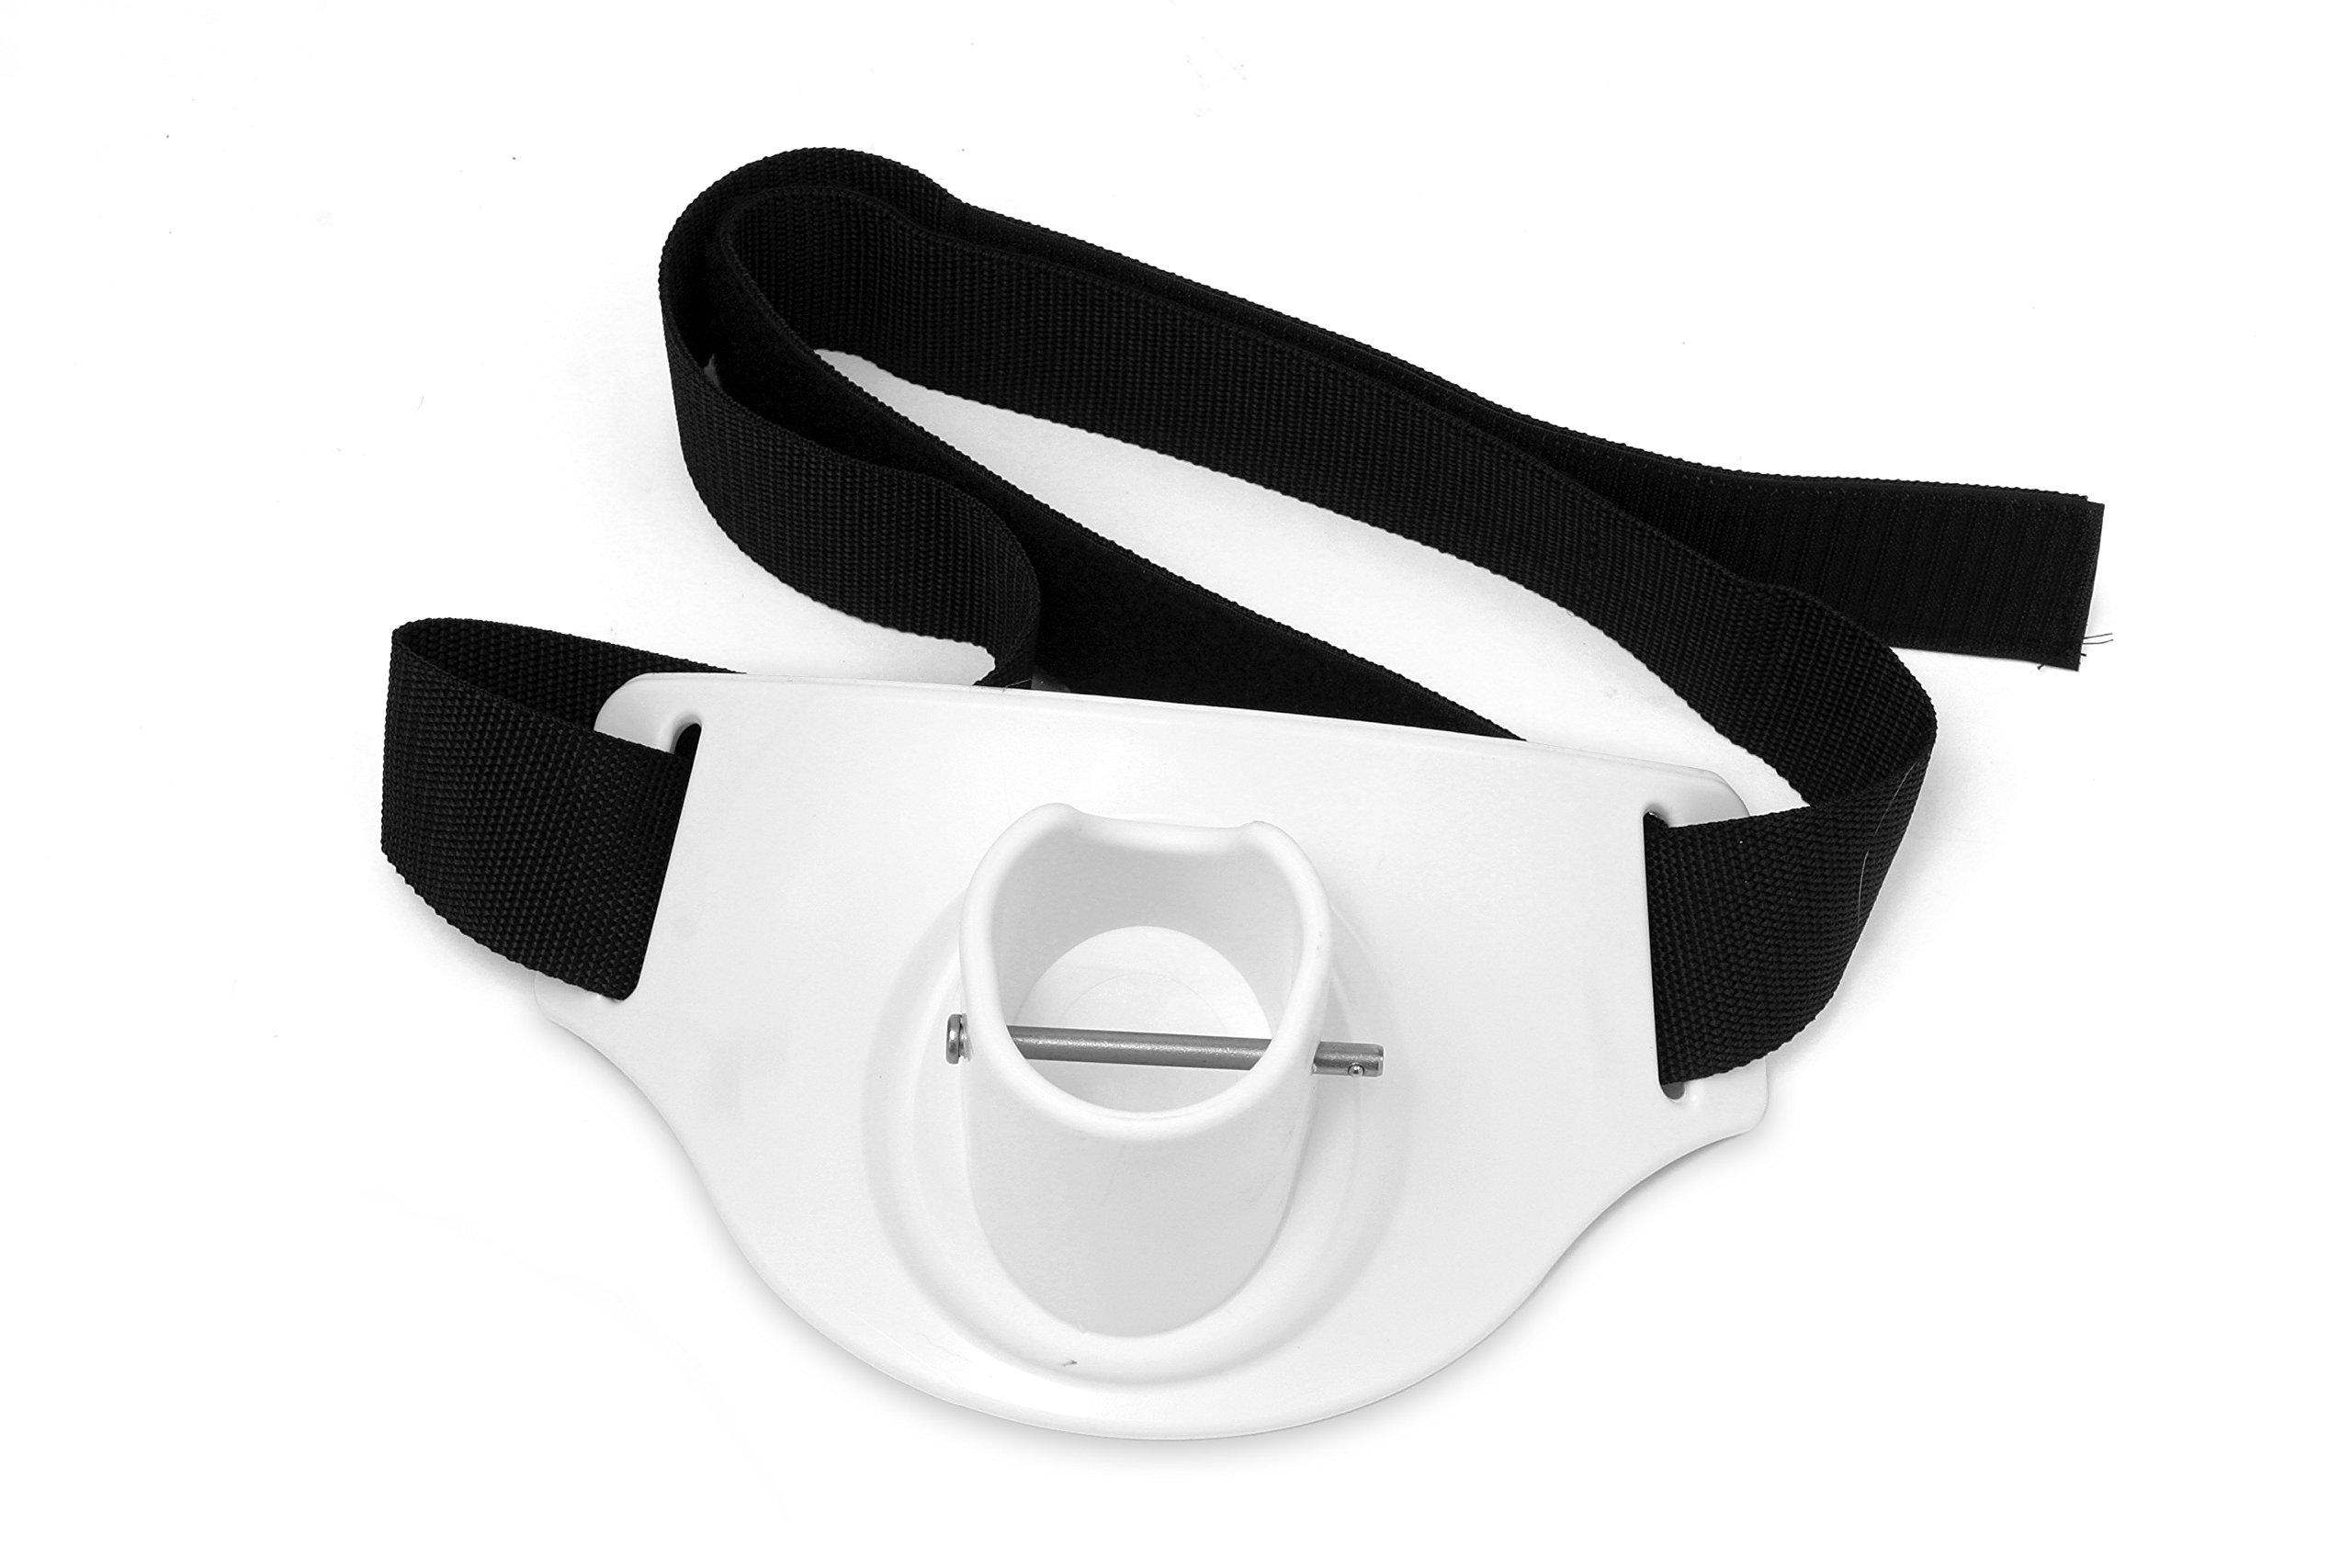 Angler'S Choice Oval Notch Fight Belt